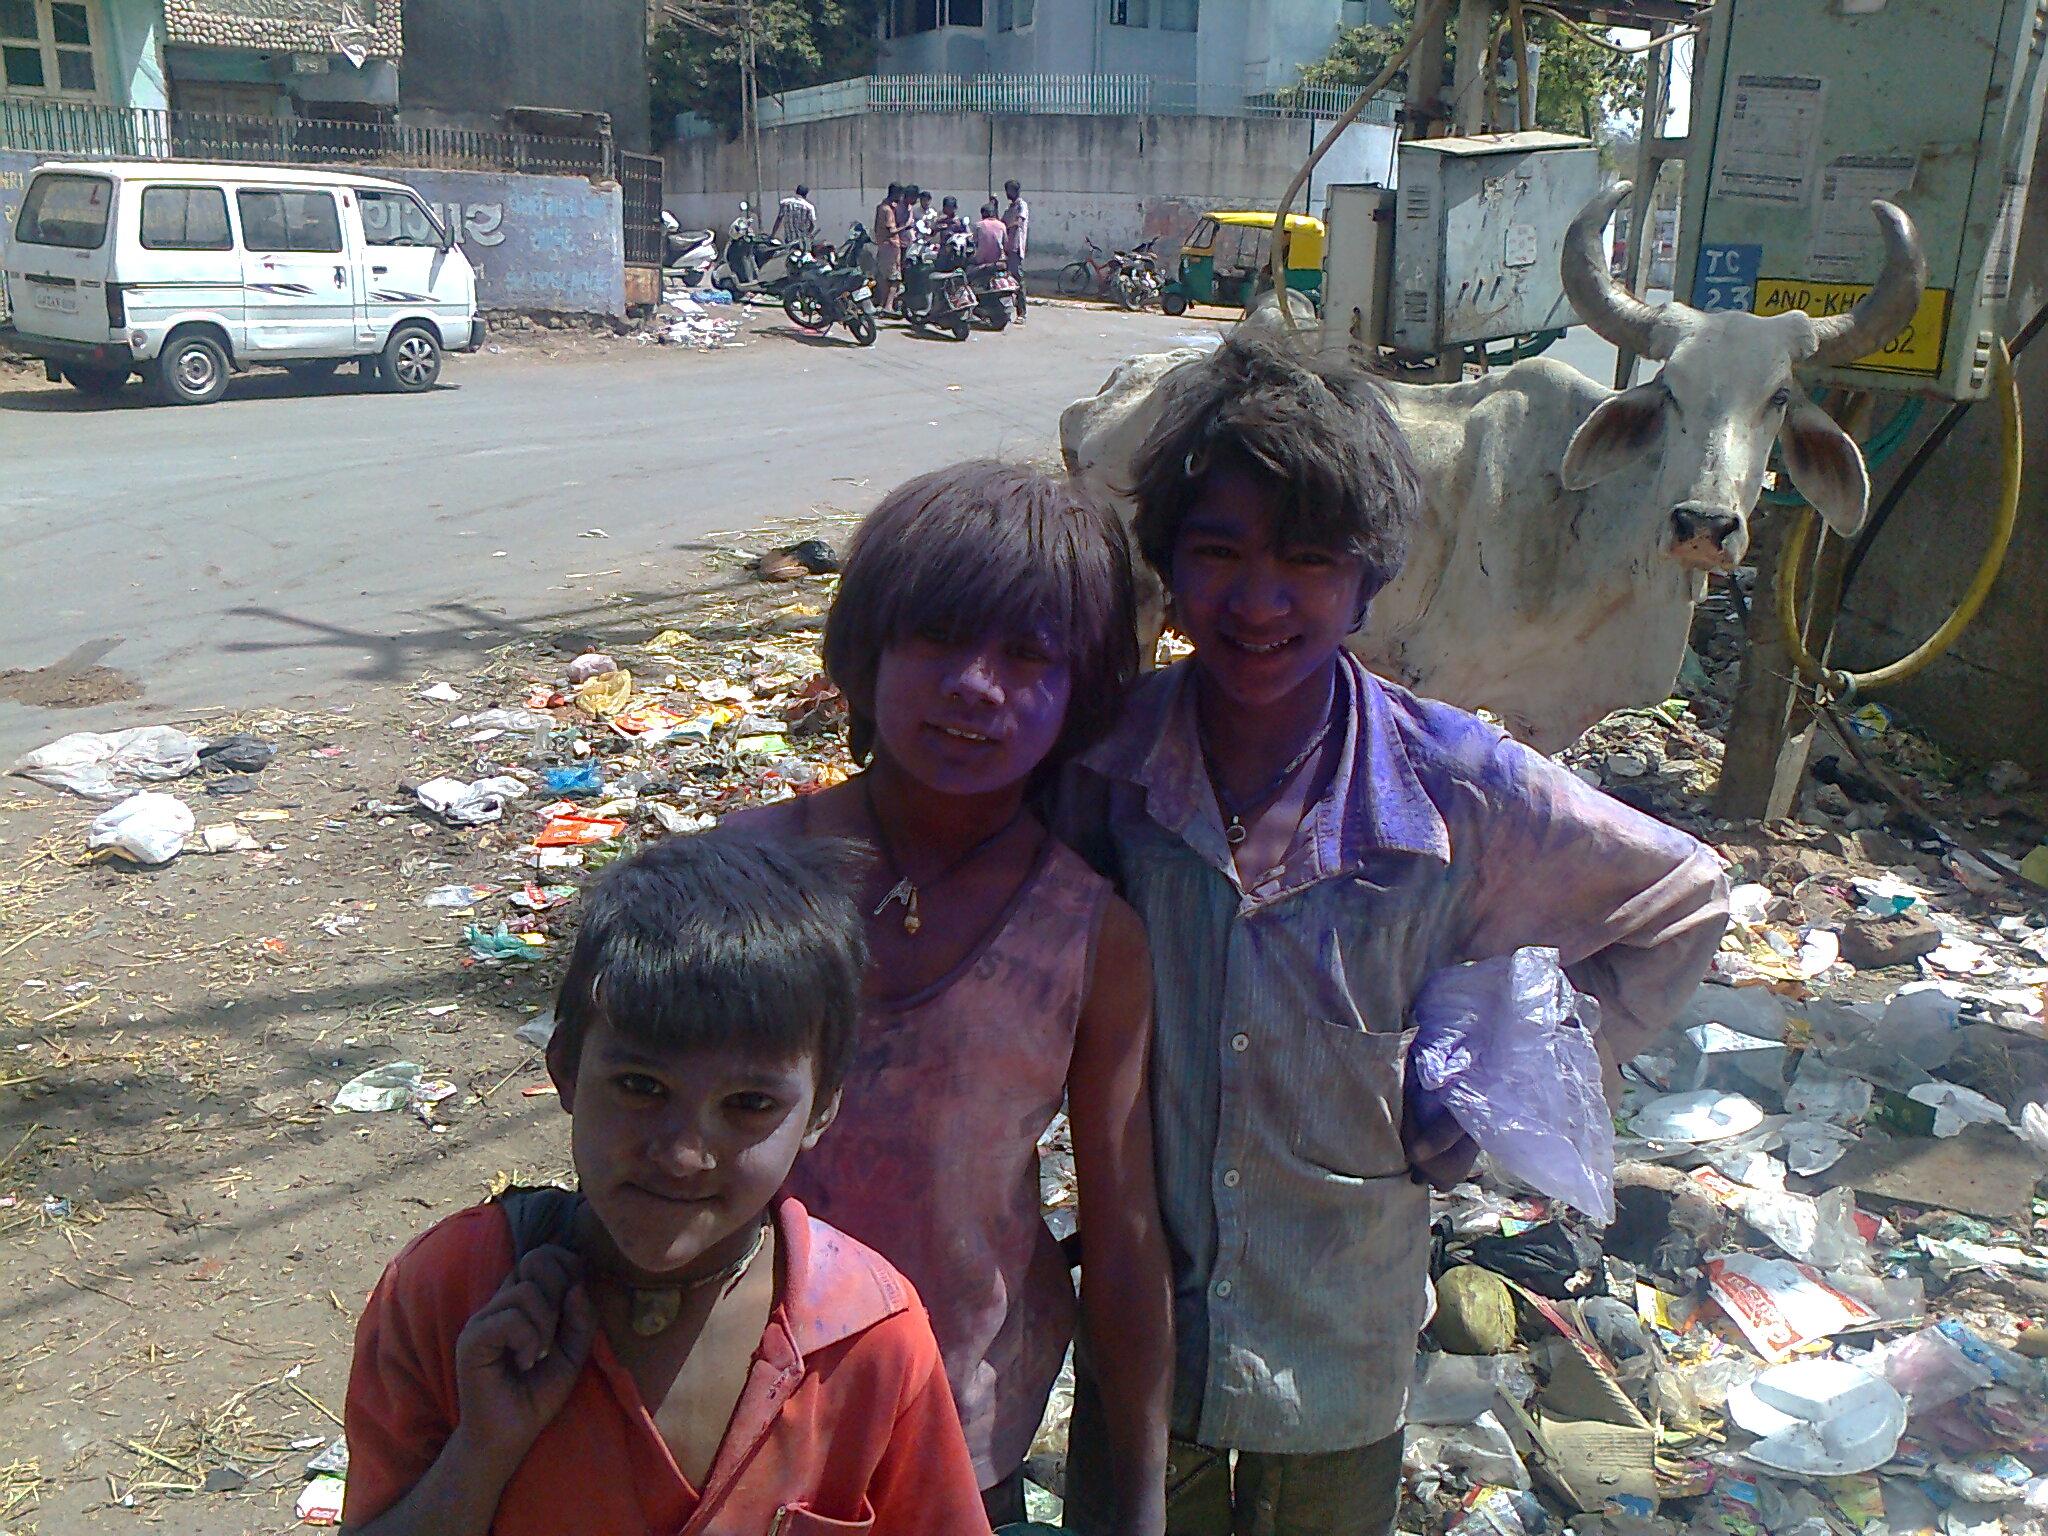 Poor_kids_on_holi_festival